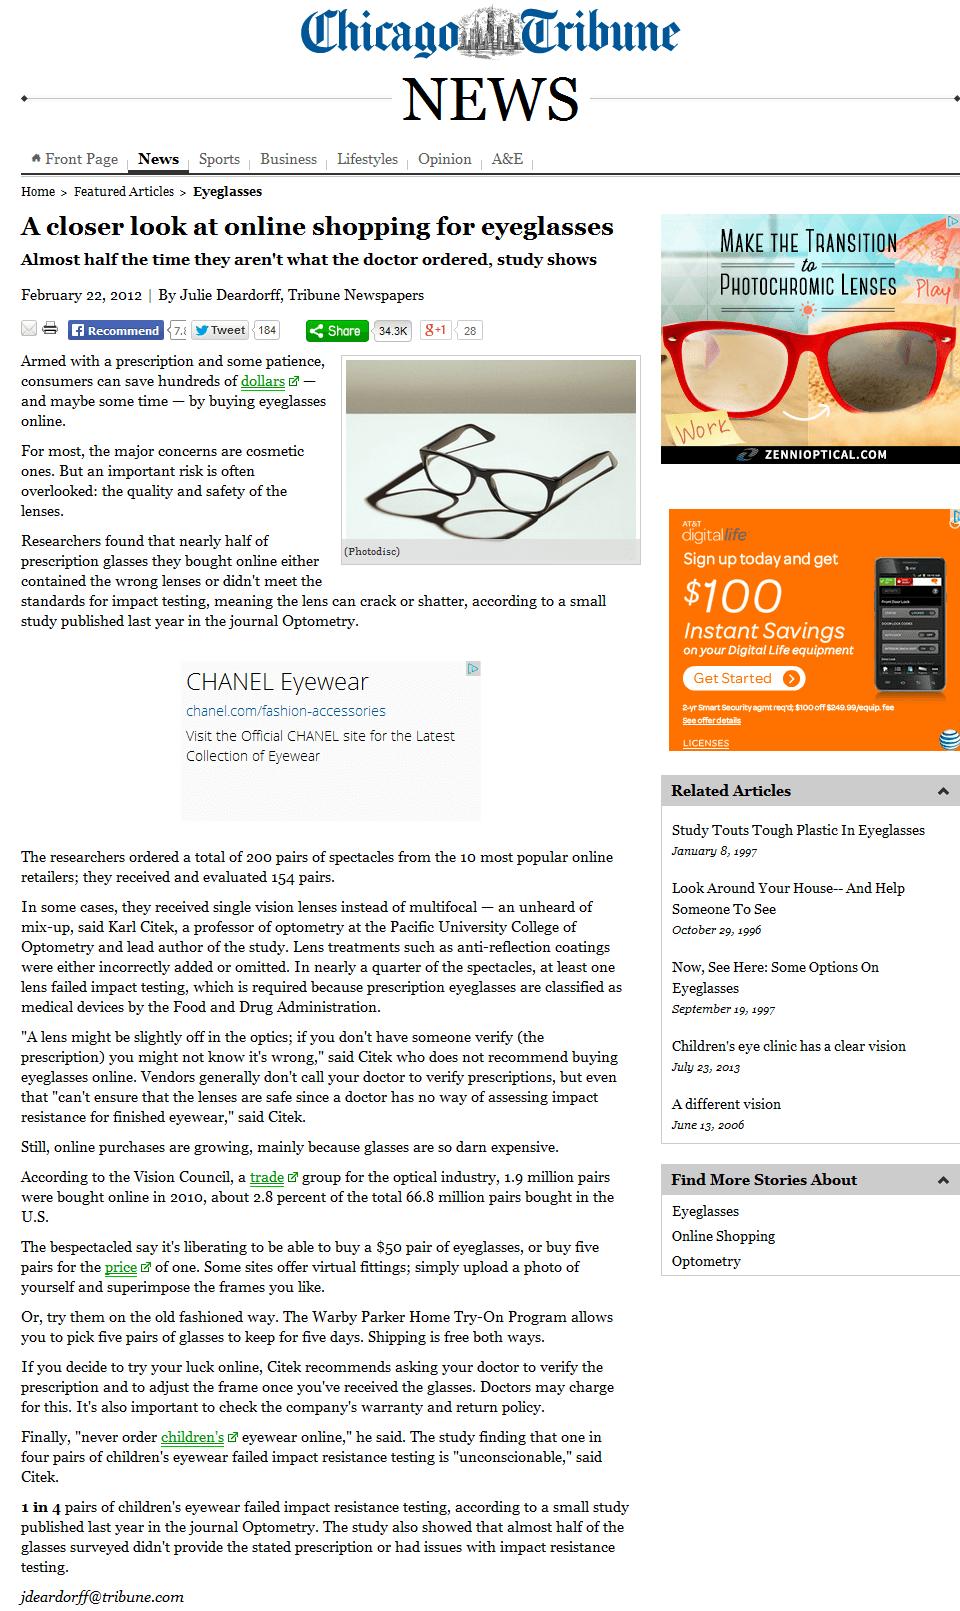 Online-Shopping-For-Eyeglasses[1]